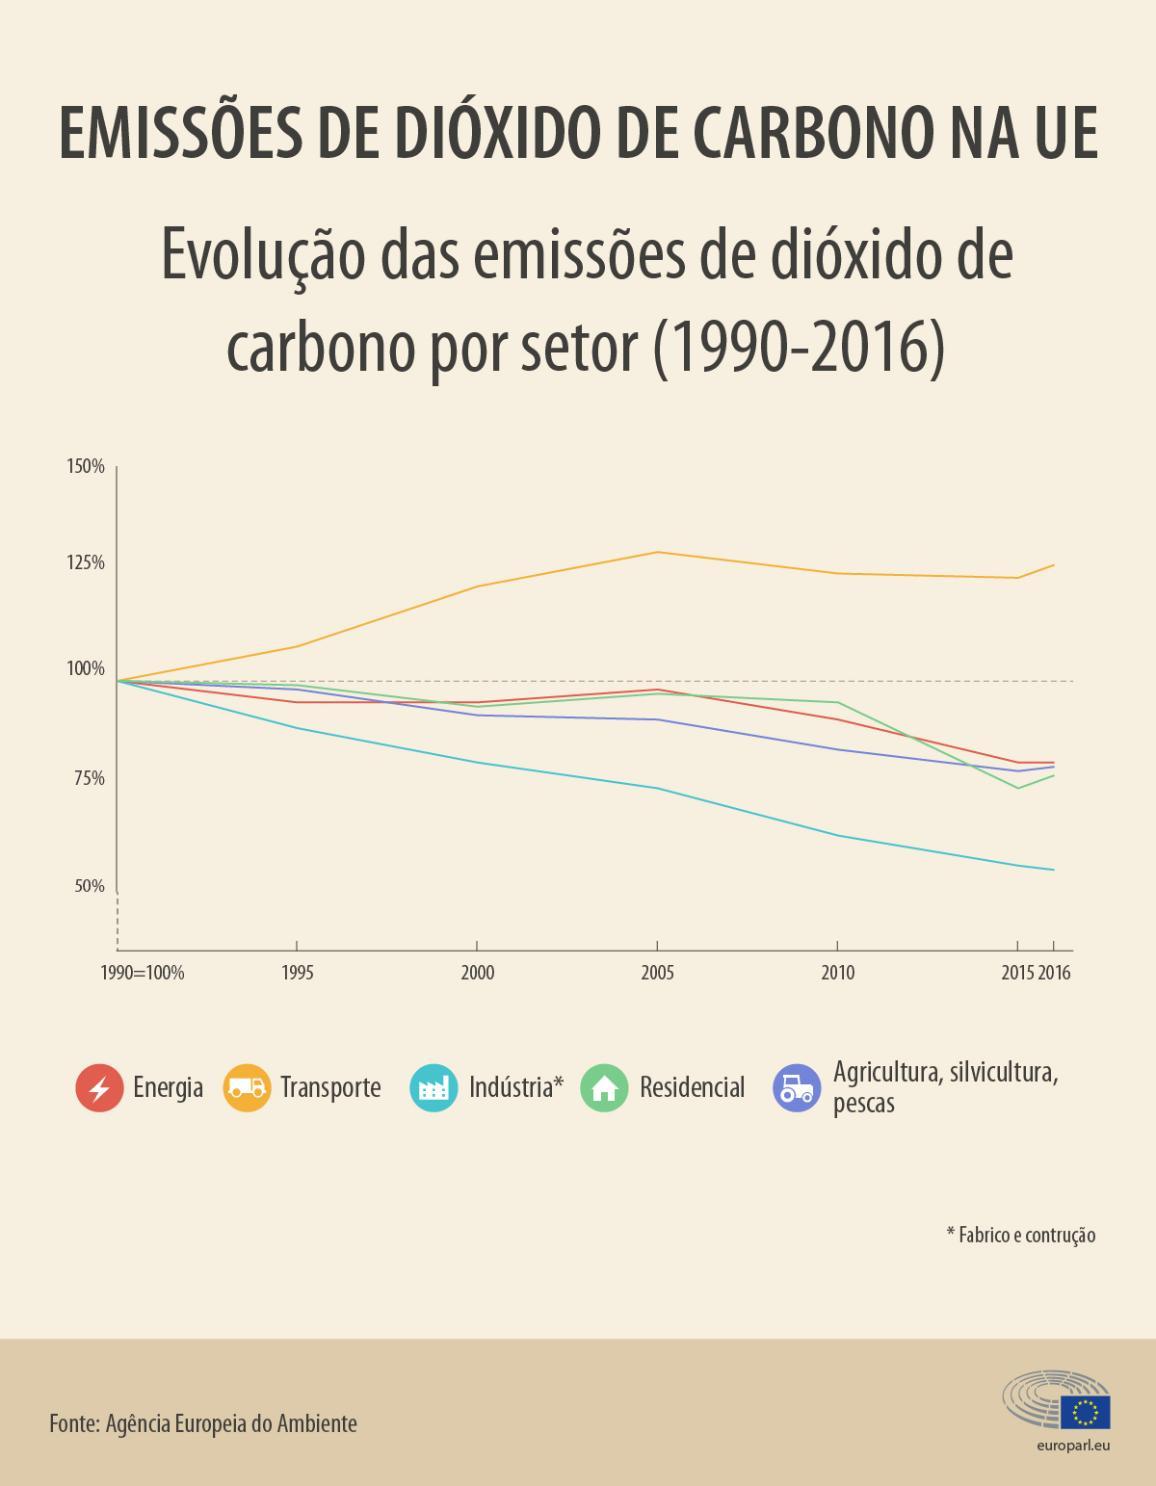 Infografia sobre emissões de dióxido de carbono na UE